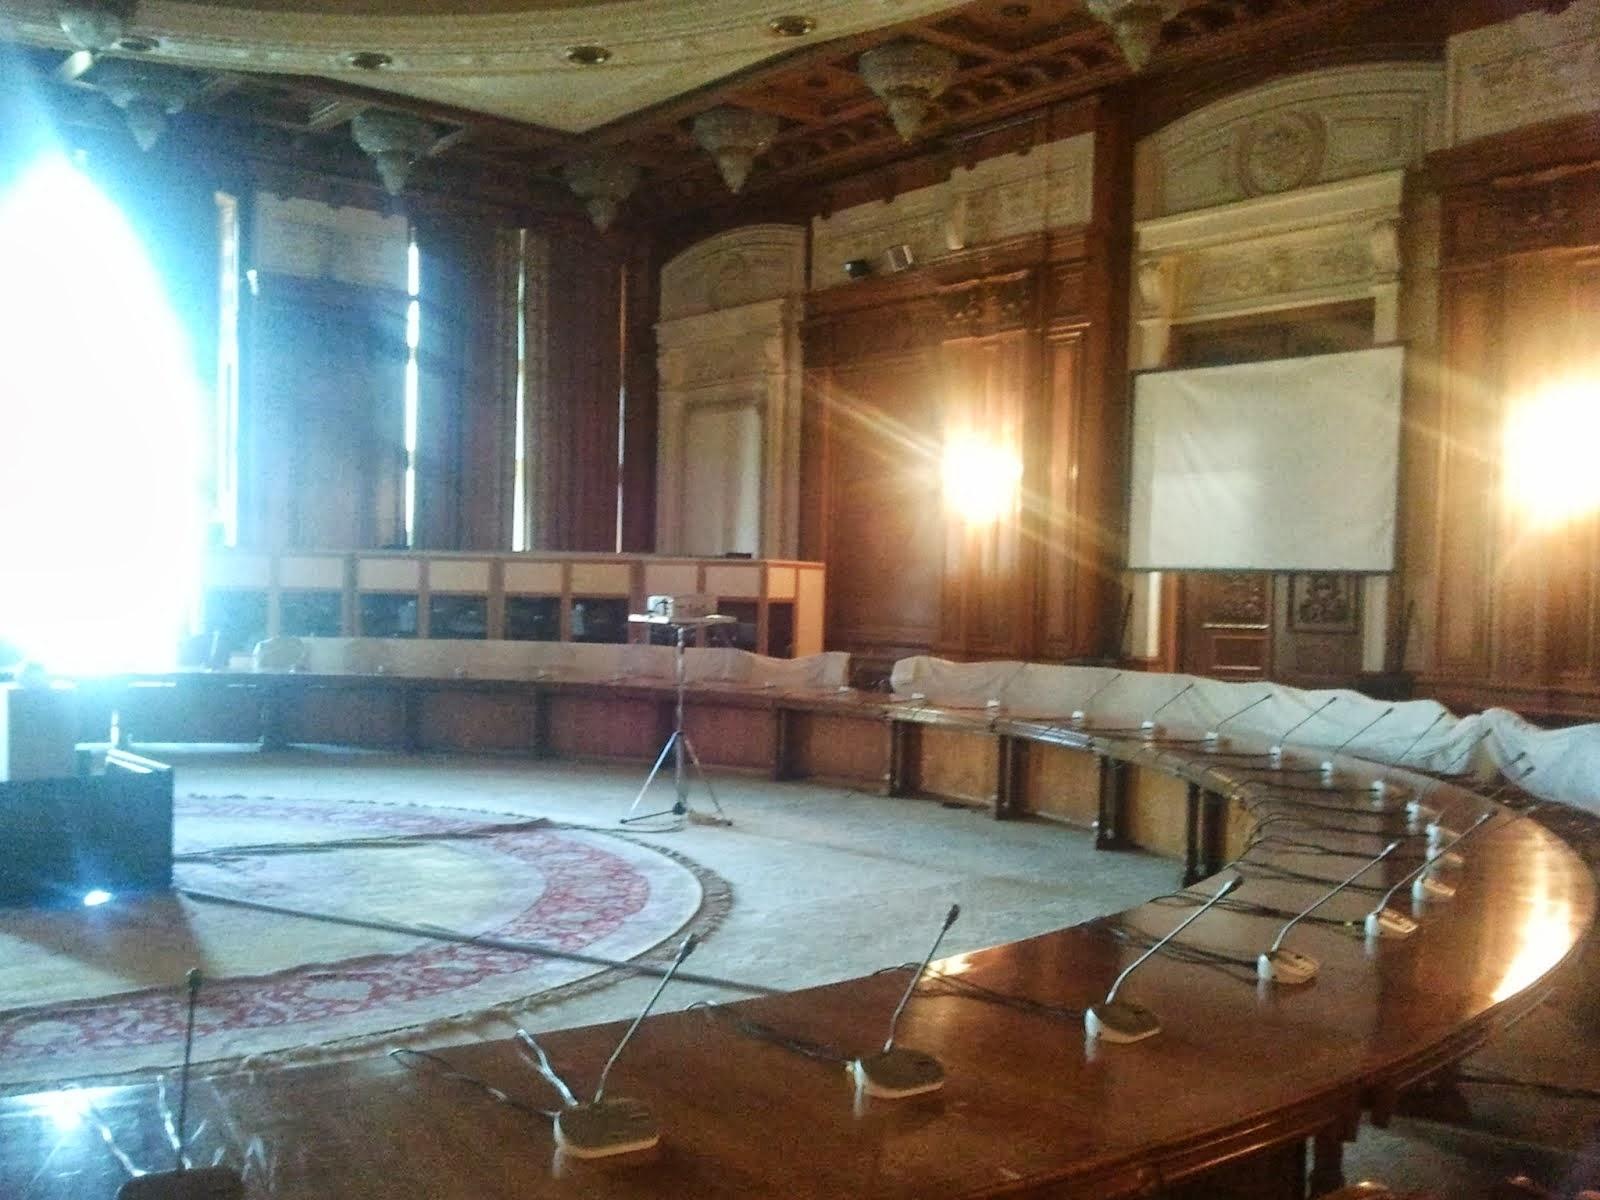 Human Rights Room, Sala Drepturilor Omului, Palatul Parlamentului, 20/07/2012